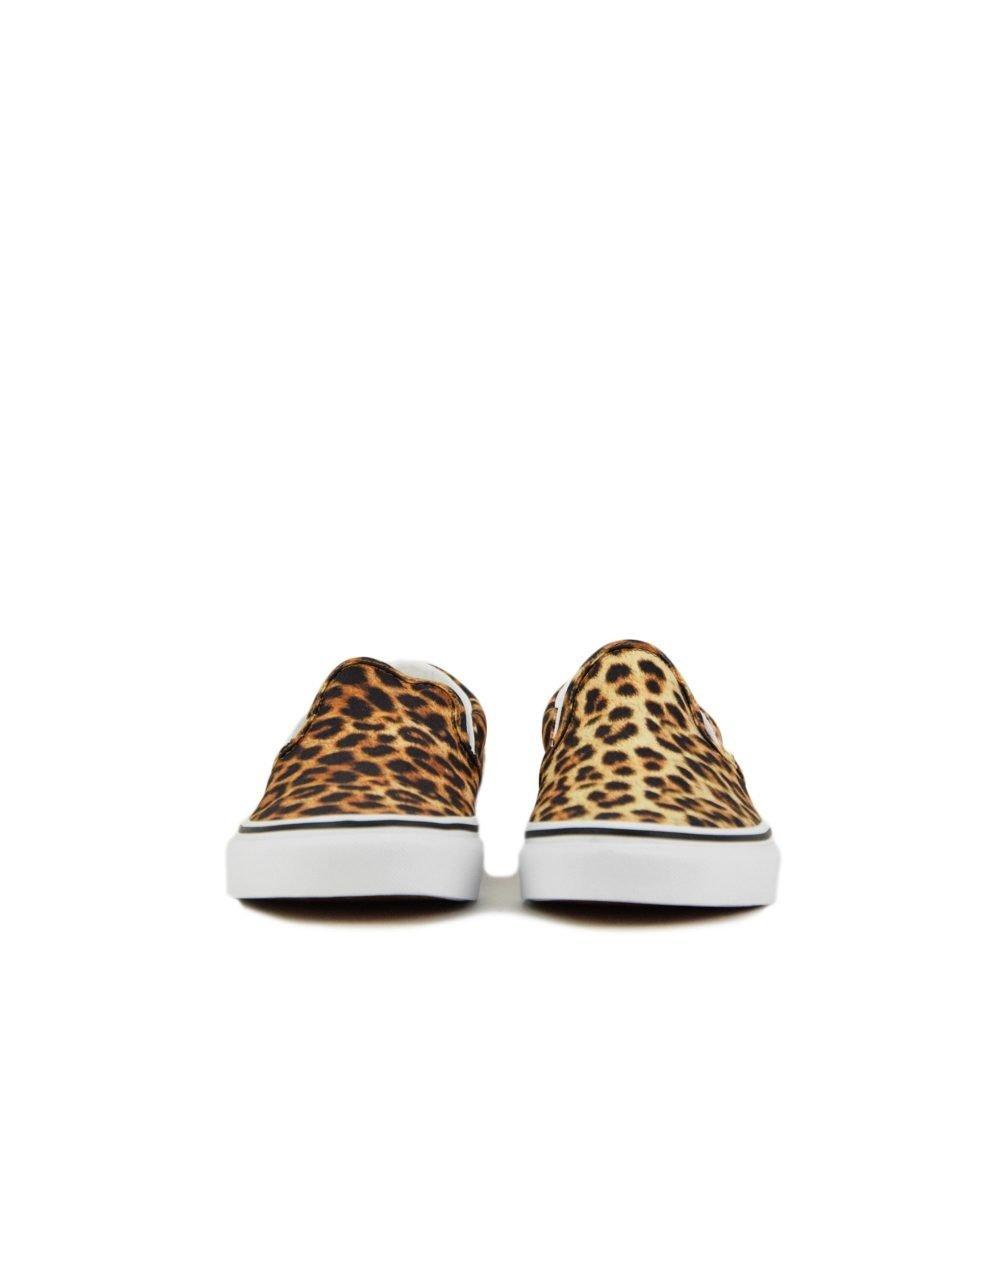 Vans Classic Slip-On Leopard (VN0A5AO83I61) Black/True White